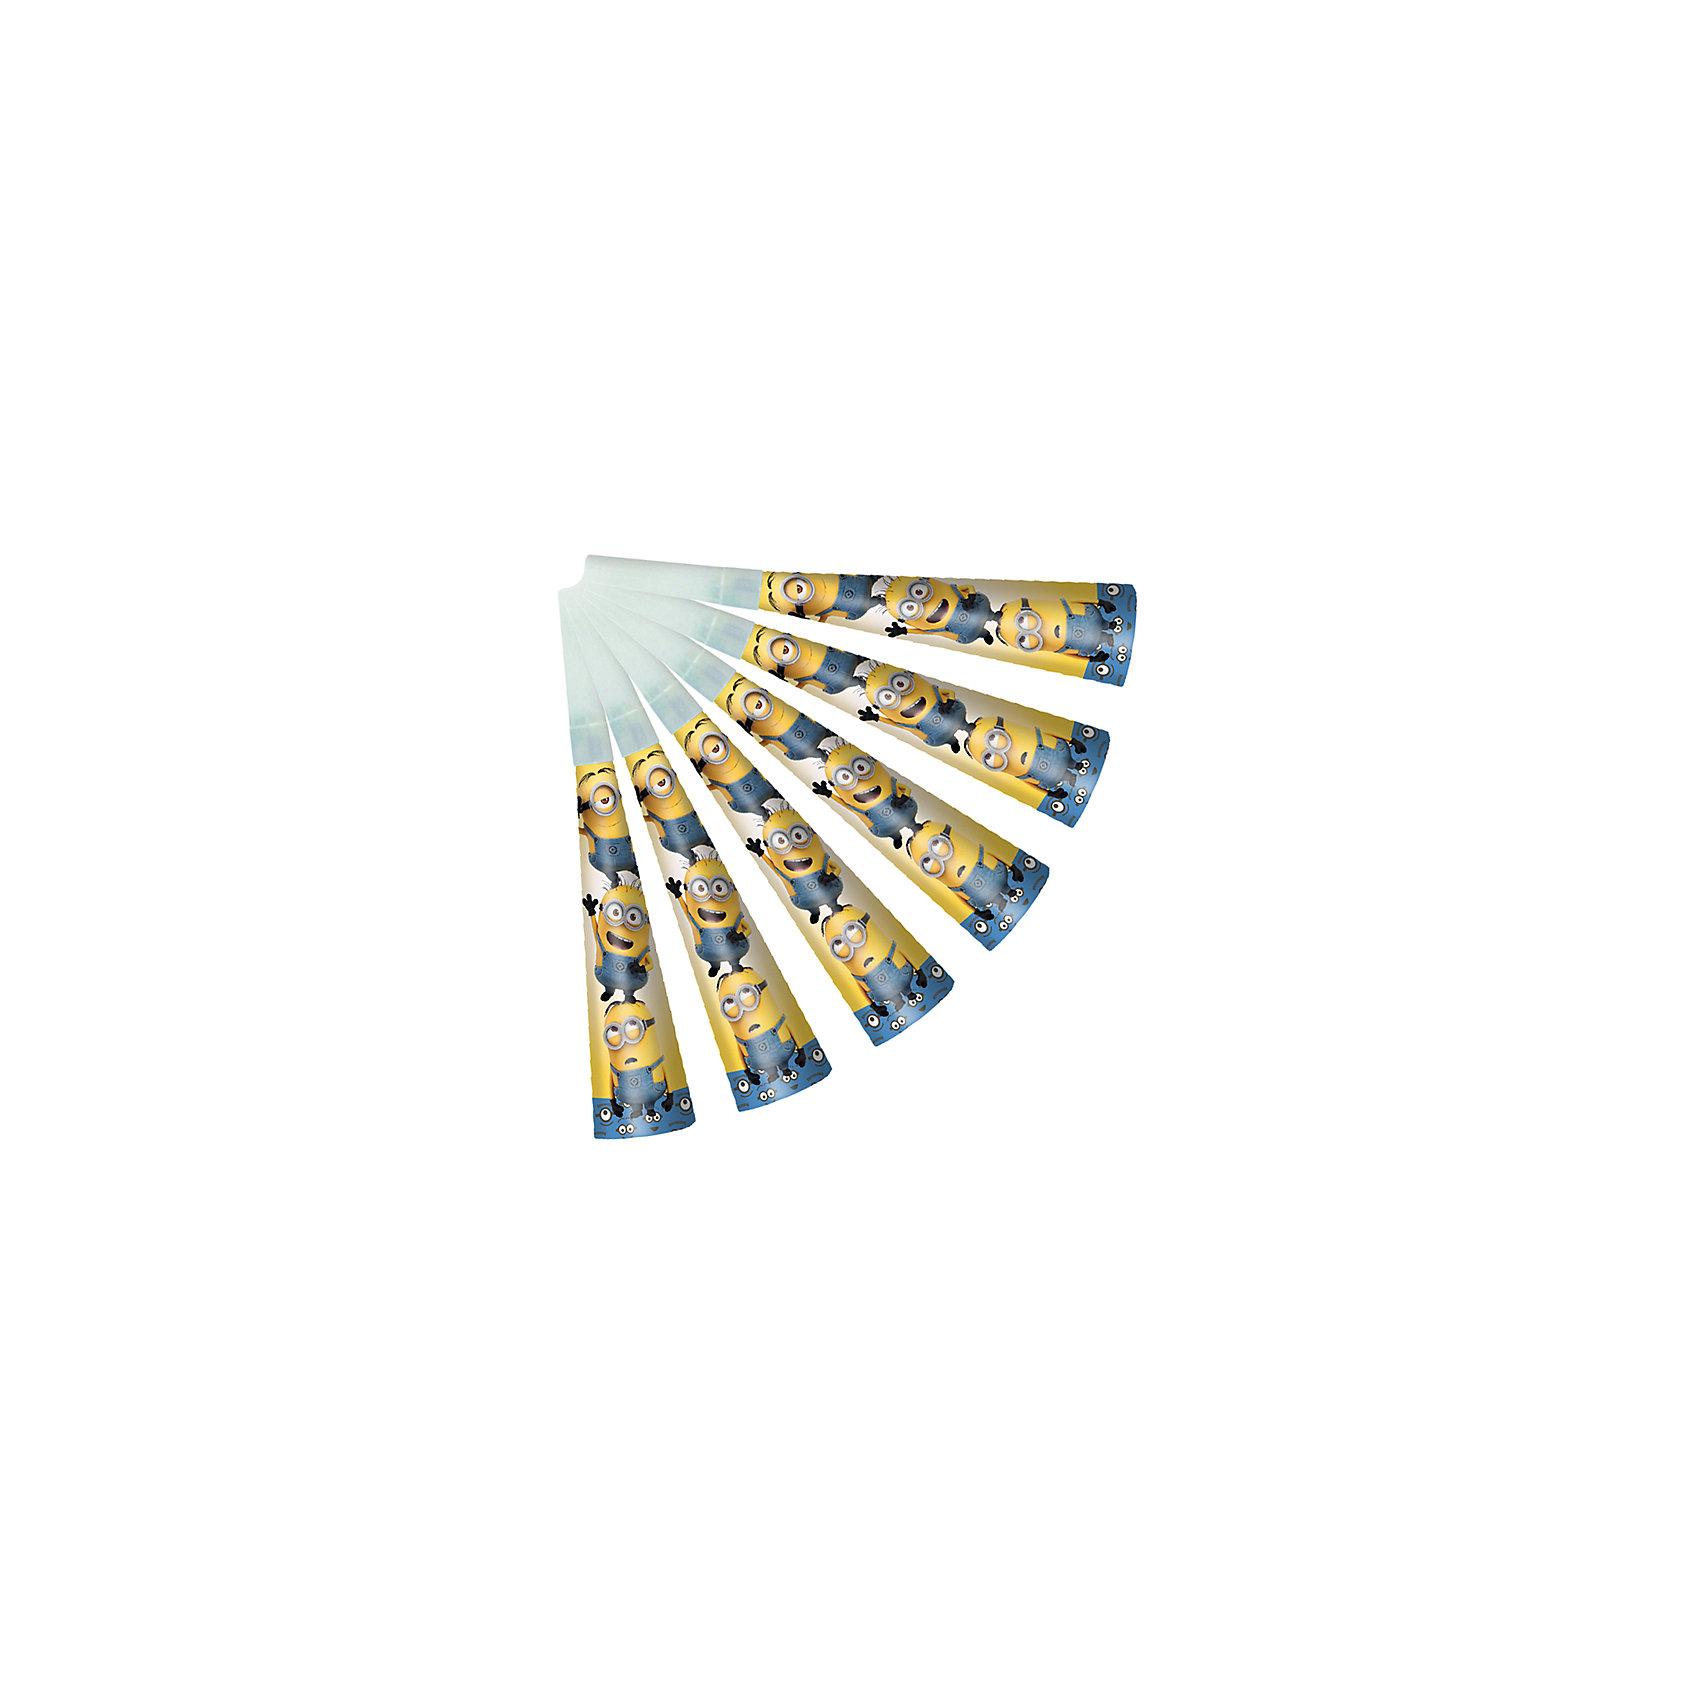 Дудочка Миньоны, 6 штМиньоны<br>Дудочка Миньоны, 6 шт – этот набор дудочек станет замечательным дополнением любого детского праздника.<br>Забавные дудочки Миньоны развеселят ребятишек, помогут устроить множество интересных игр и конкурсов и будут активно способствовать развитию их дыхательной системы, что очень полезно для здоровья. В наборе 6 ярких дудочек с изображением забавных миньонов. Из данной серии вы также можете выбрать скатерть, салфетки, стаканы, тарелки, язычки, колпаки, подарочный набор посуды, приглашение в конверте, гирлянду, свечи, маску и другие товары.<br><br>Дополнительная информация:<br><br>- В наборе: 6 дудочек<br>- Материал: бумага<br>- Размер упаковки: 10 х 15 х 3 см.<br><br>Дудочку Миньоны, 6 шт можно купить в нашем интернет-магазине.<br><br>Ширина мм: 100<br>Глубина мм: 150<br>Высота мм: 30<br>Вес г: 80<br>Возраст от месяцев: 36<br>Возраст до месяцев: 120<br>Пол: Унисекс<br>Возраст: Детский<br>SKU: 4278396